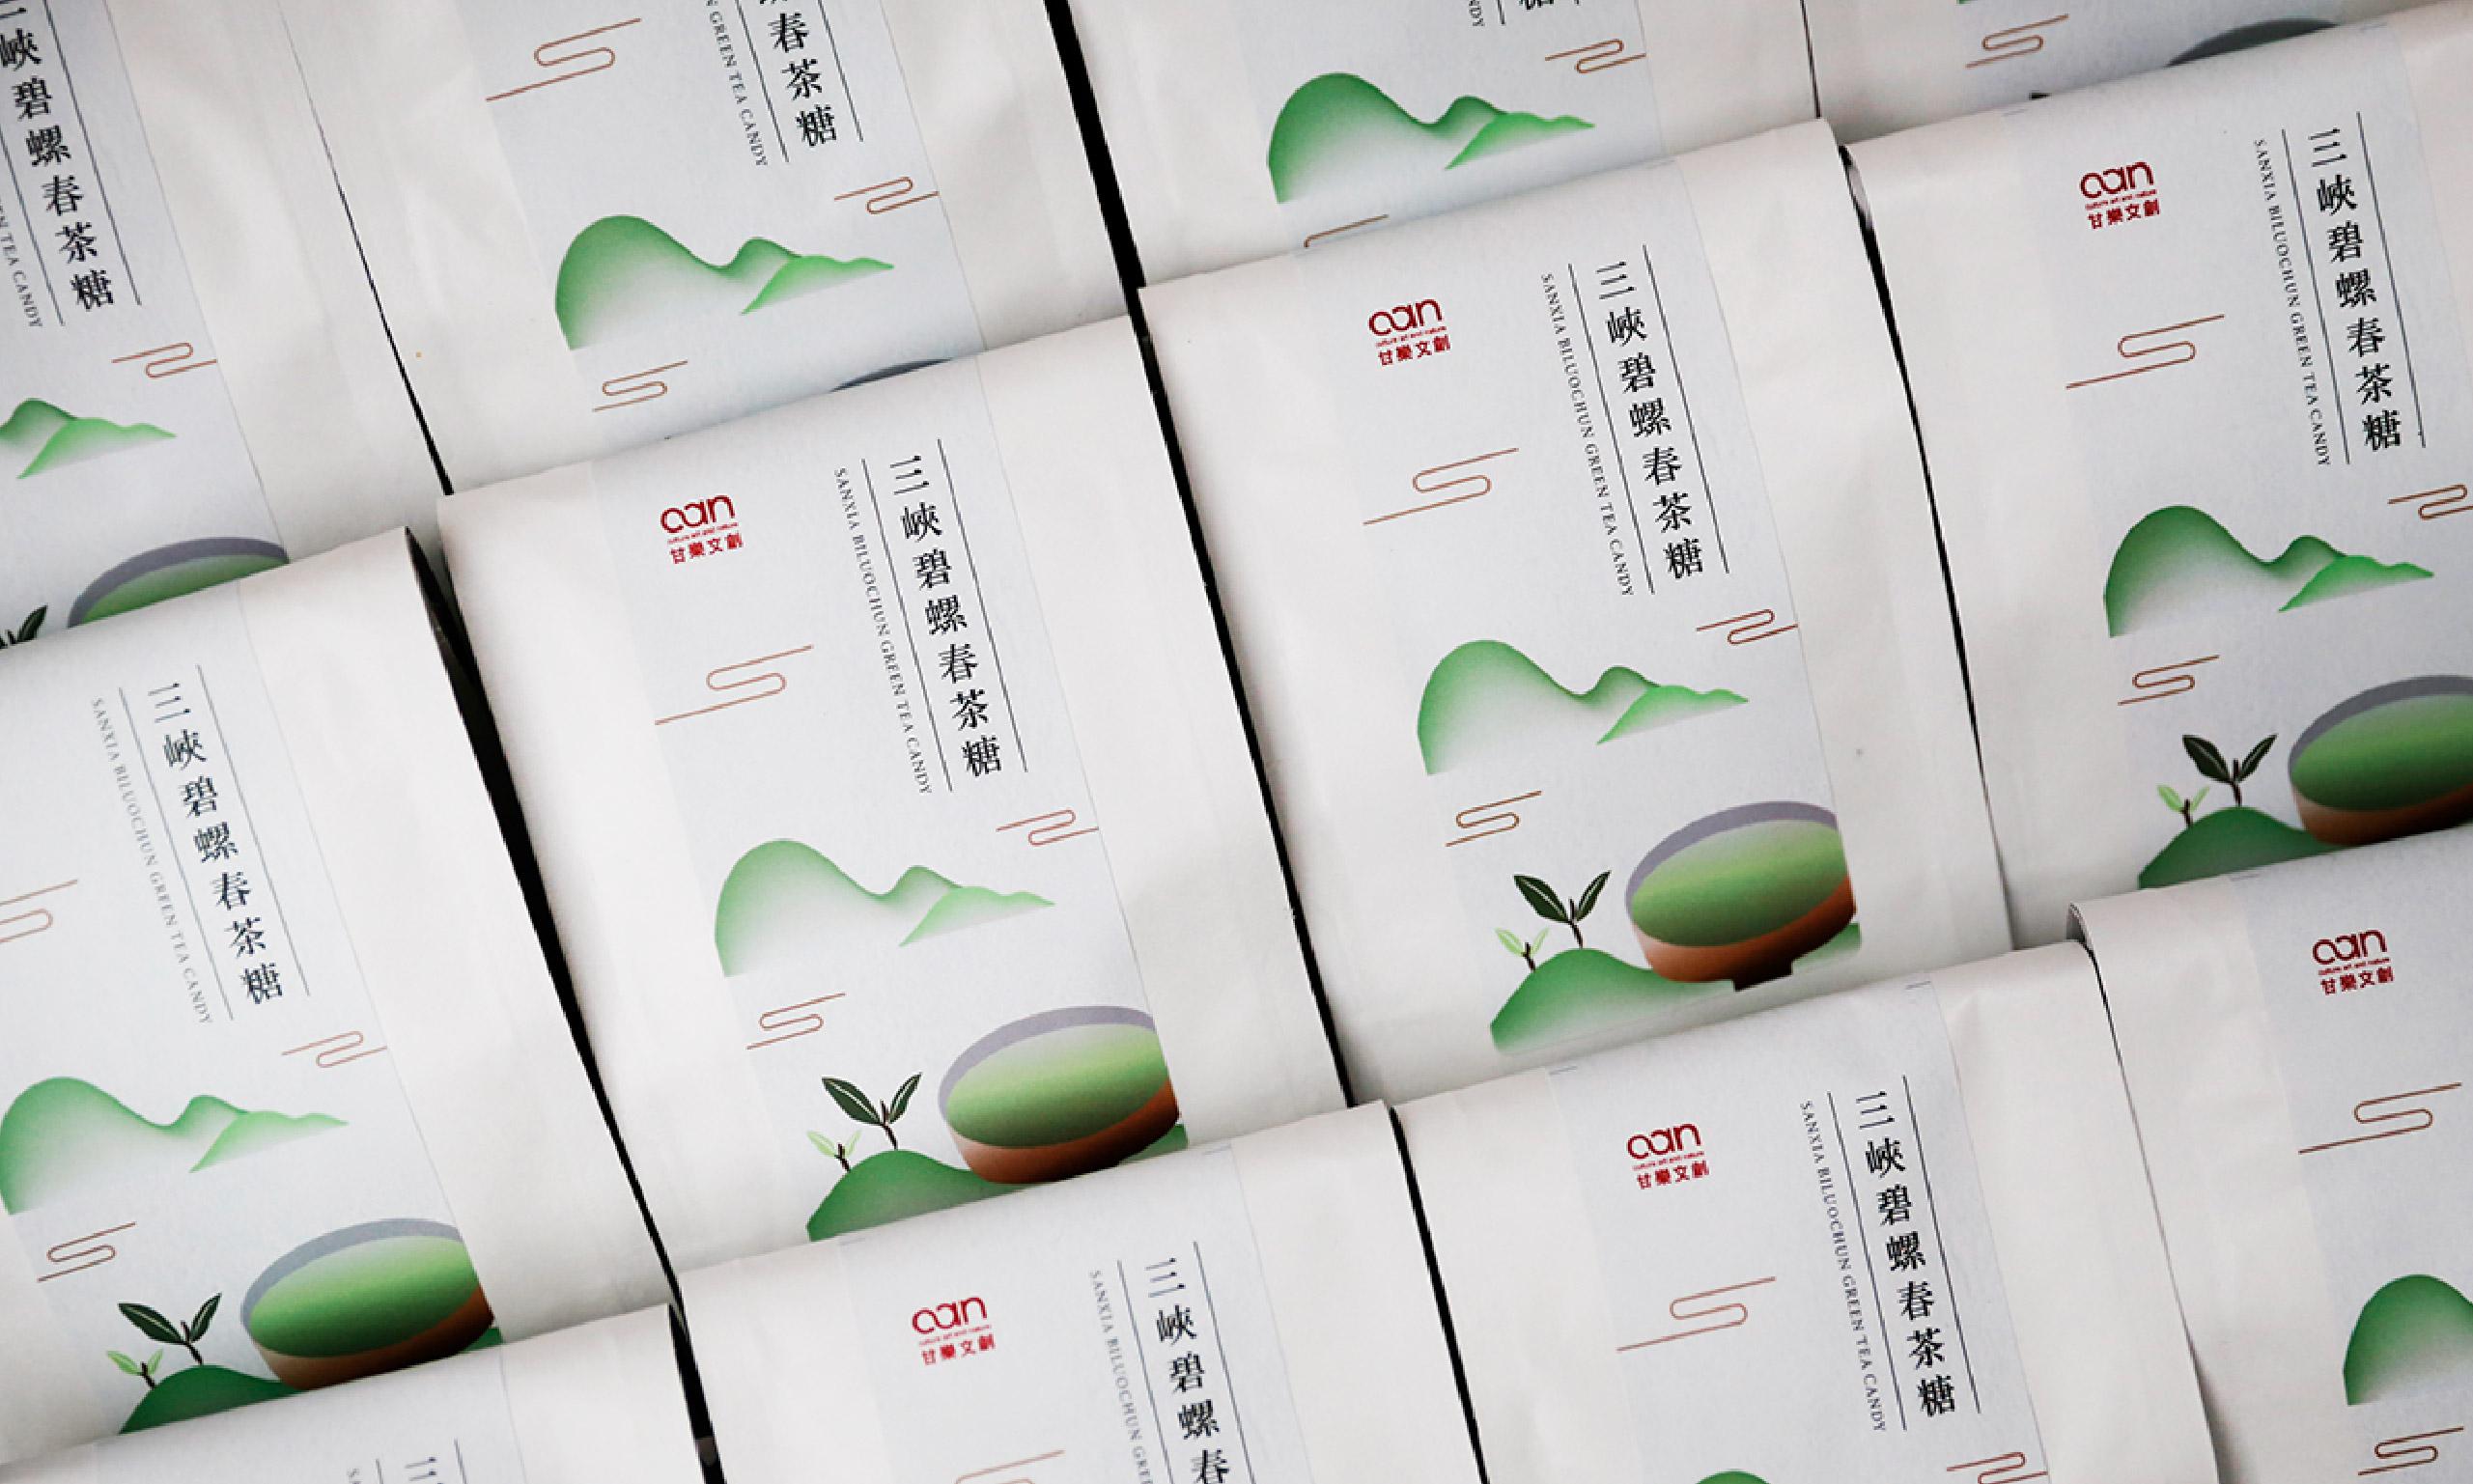 嚴選的碧螺春茶所製成的糖,是精心手摘挑選茶葉,帶著濃郁的碧螺春茶香!在海拔200公尺丘陵有機茶園的礫質與砂質壤土上,凝聚了春日的嫩翠芬芳和時雨,所以有著獨特的甘甜清香。 | 甘樂文創 | 甘之如飴,樂在其中